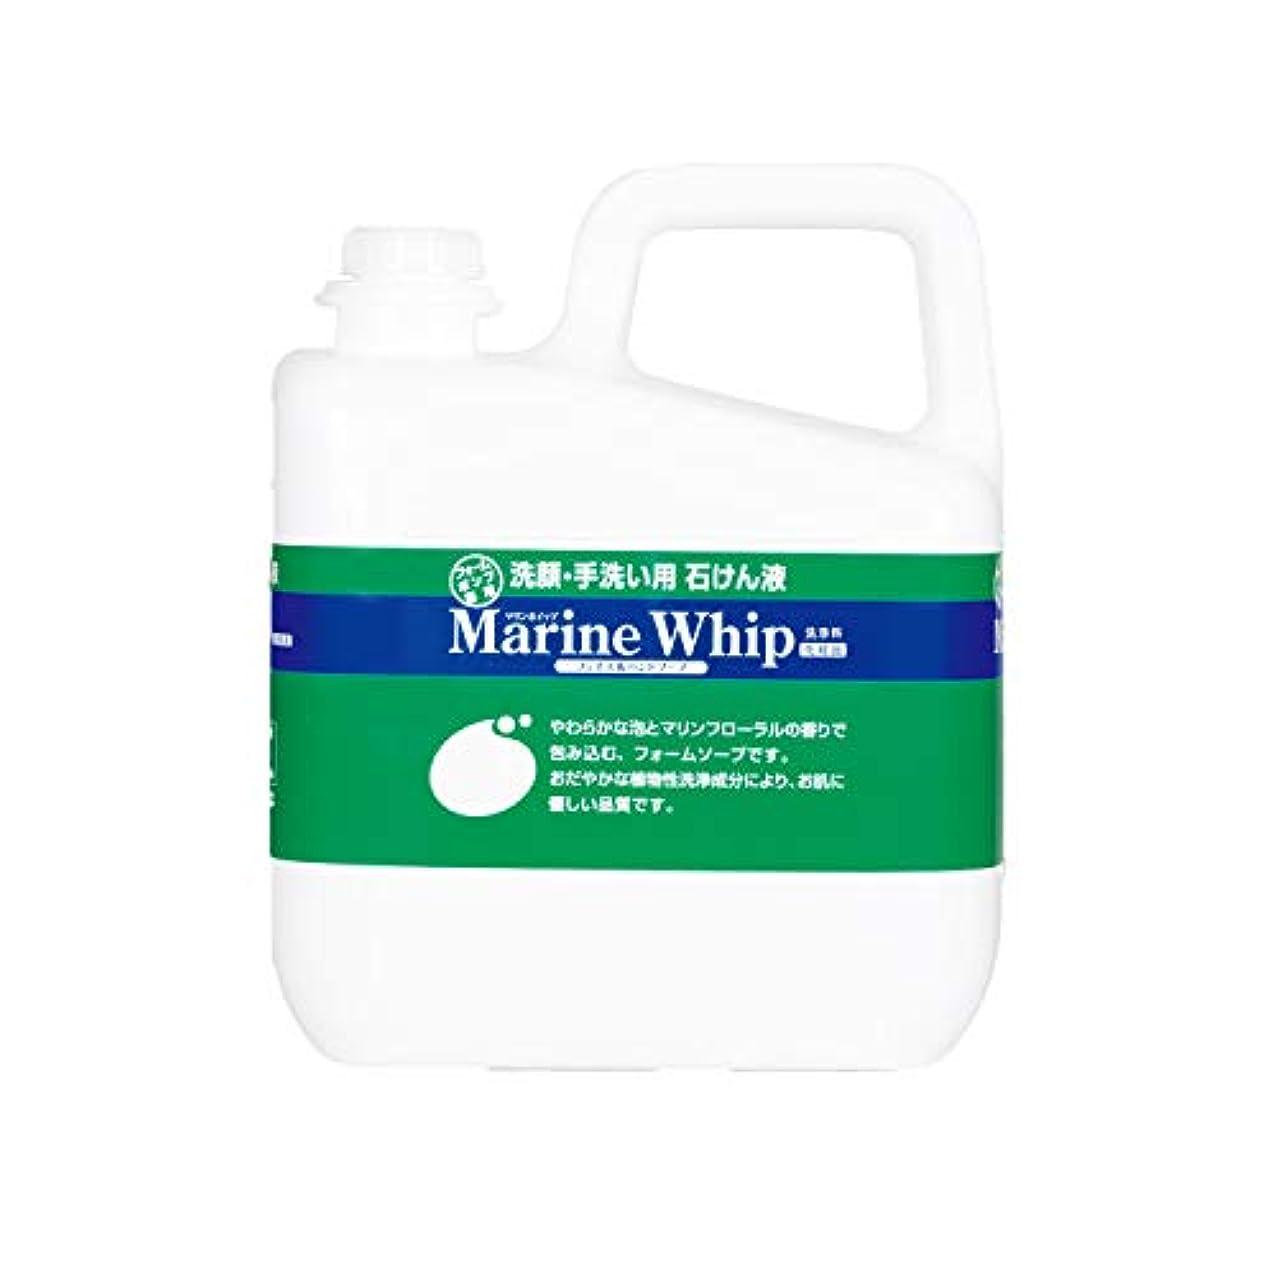 違法絶対の航海のマリンホイップ 5kg / 23489 1缶